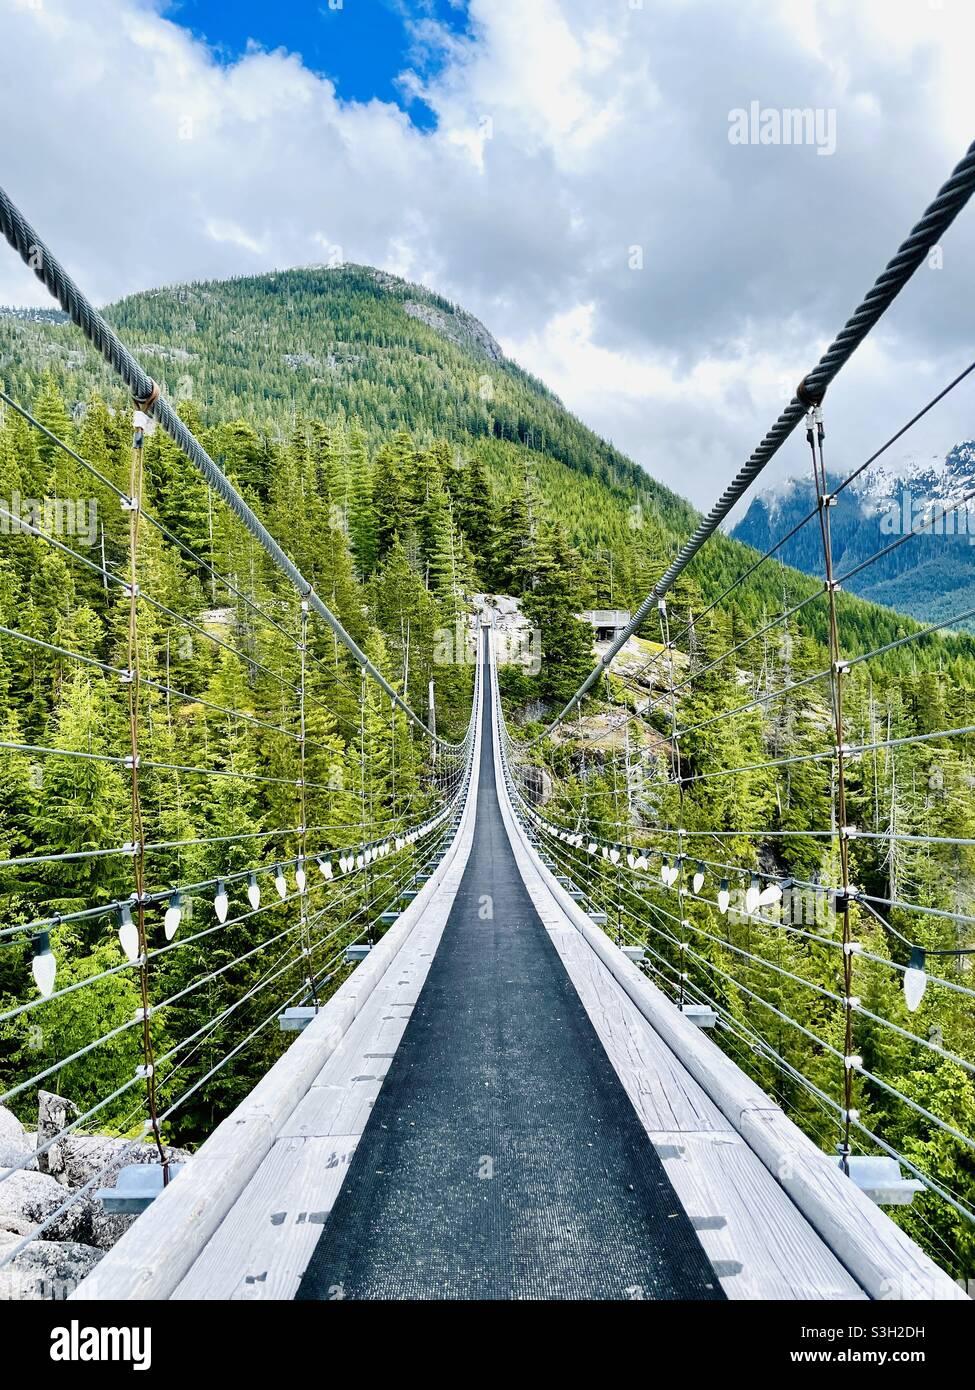 Ponte sospeso pilota cielo in cima al mare a cielo cima. Squamish, British Columbia. Canada. Foto Stock